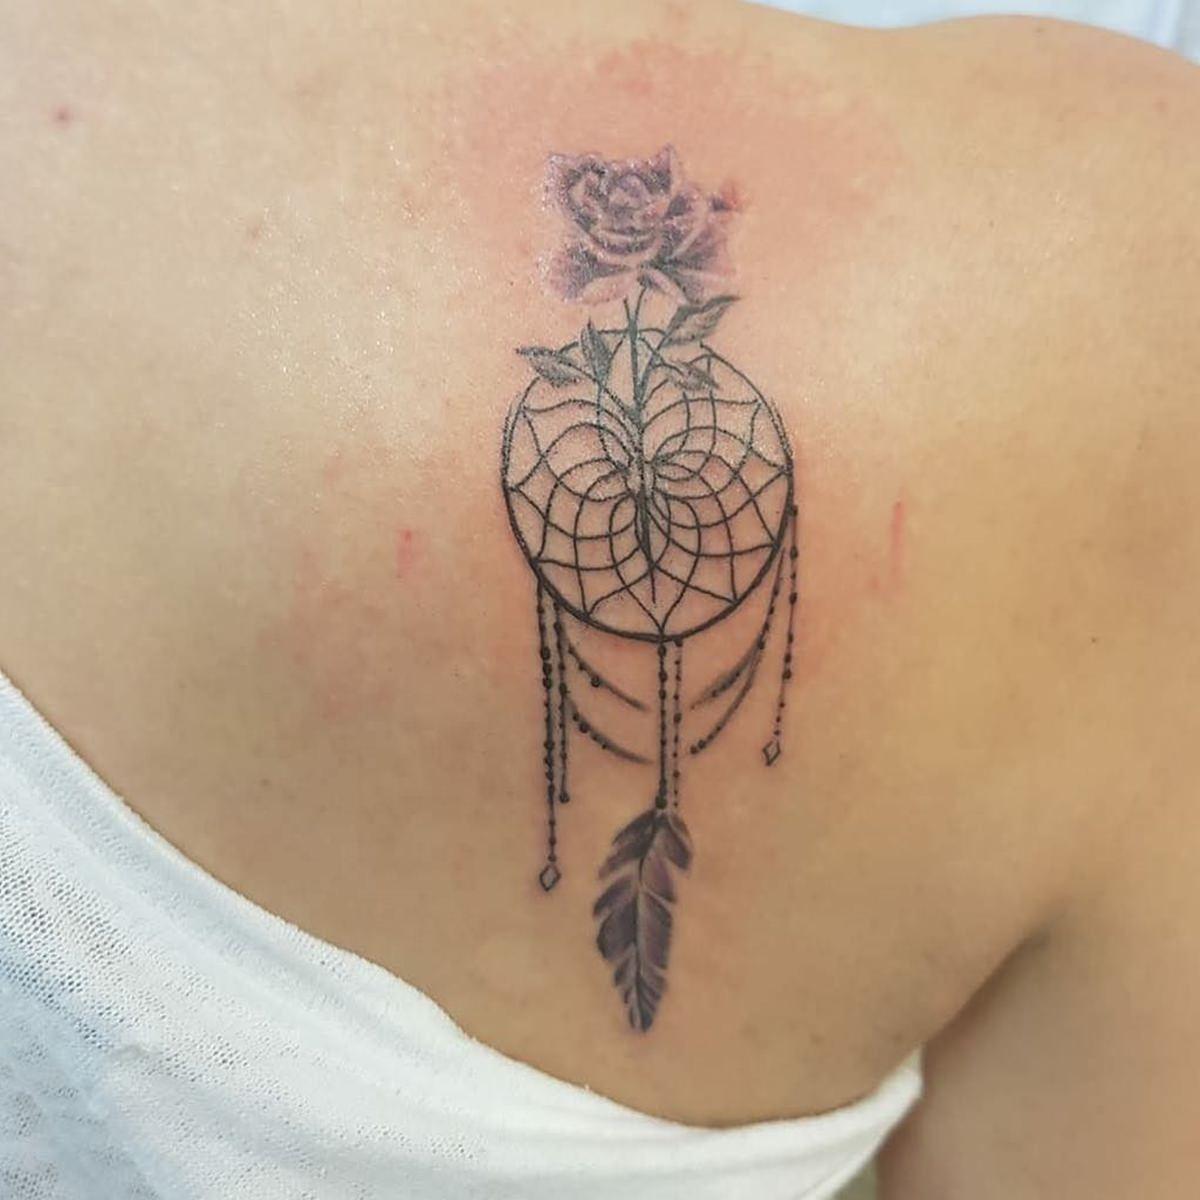 Tatuagem filtro dos sonhos simplista